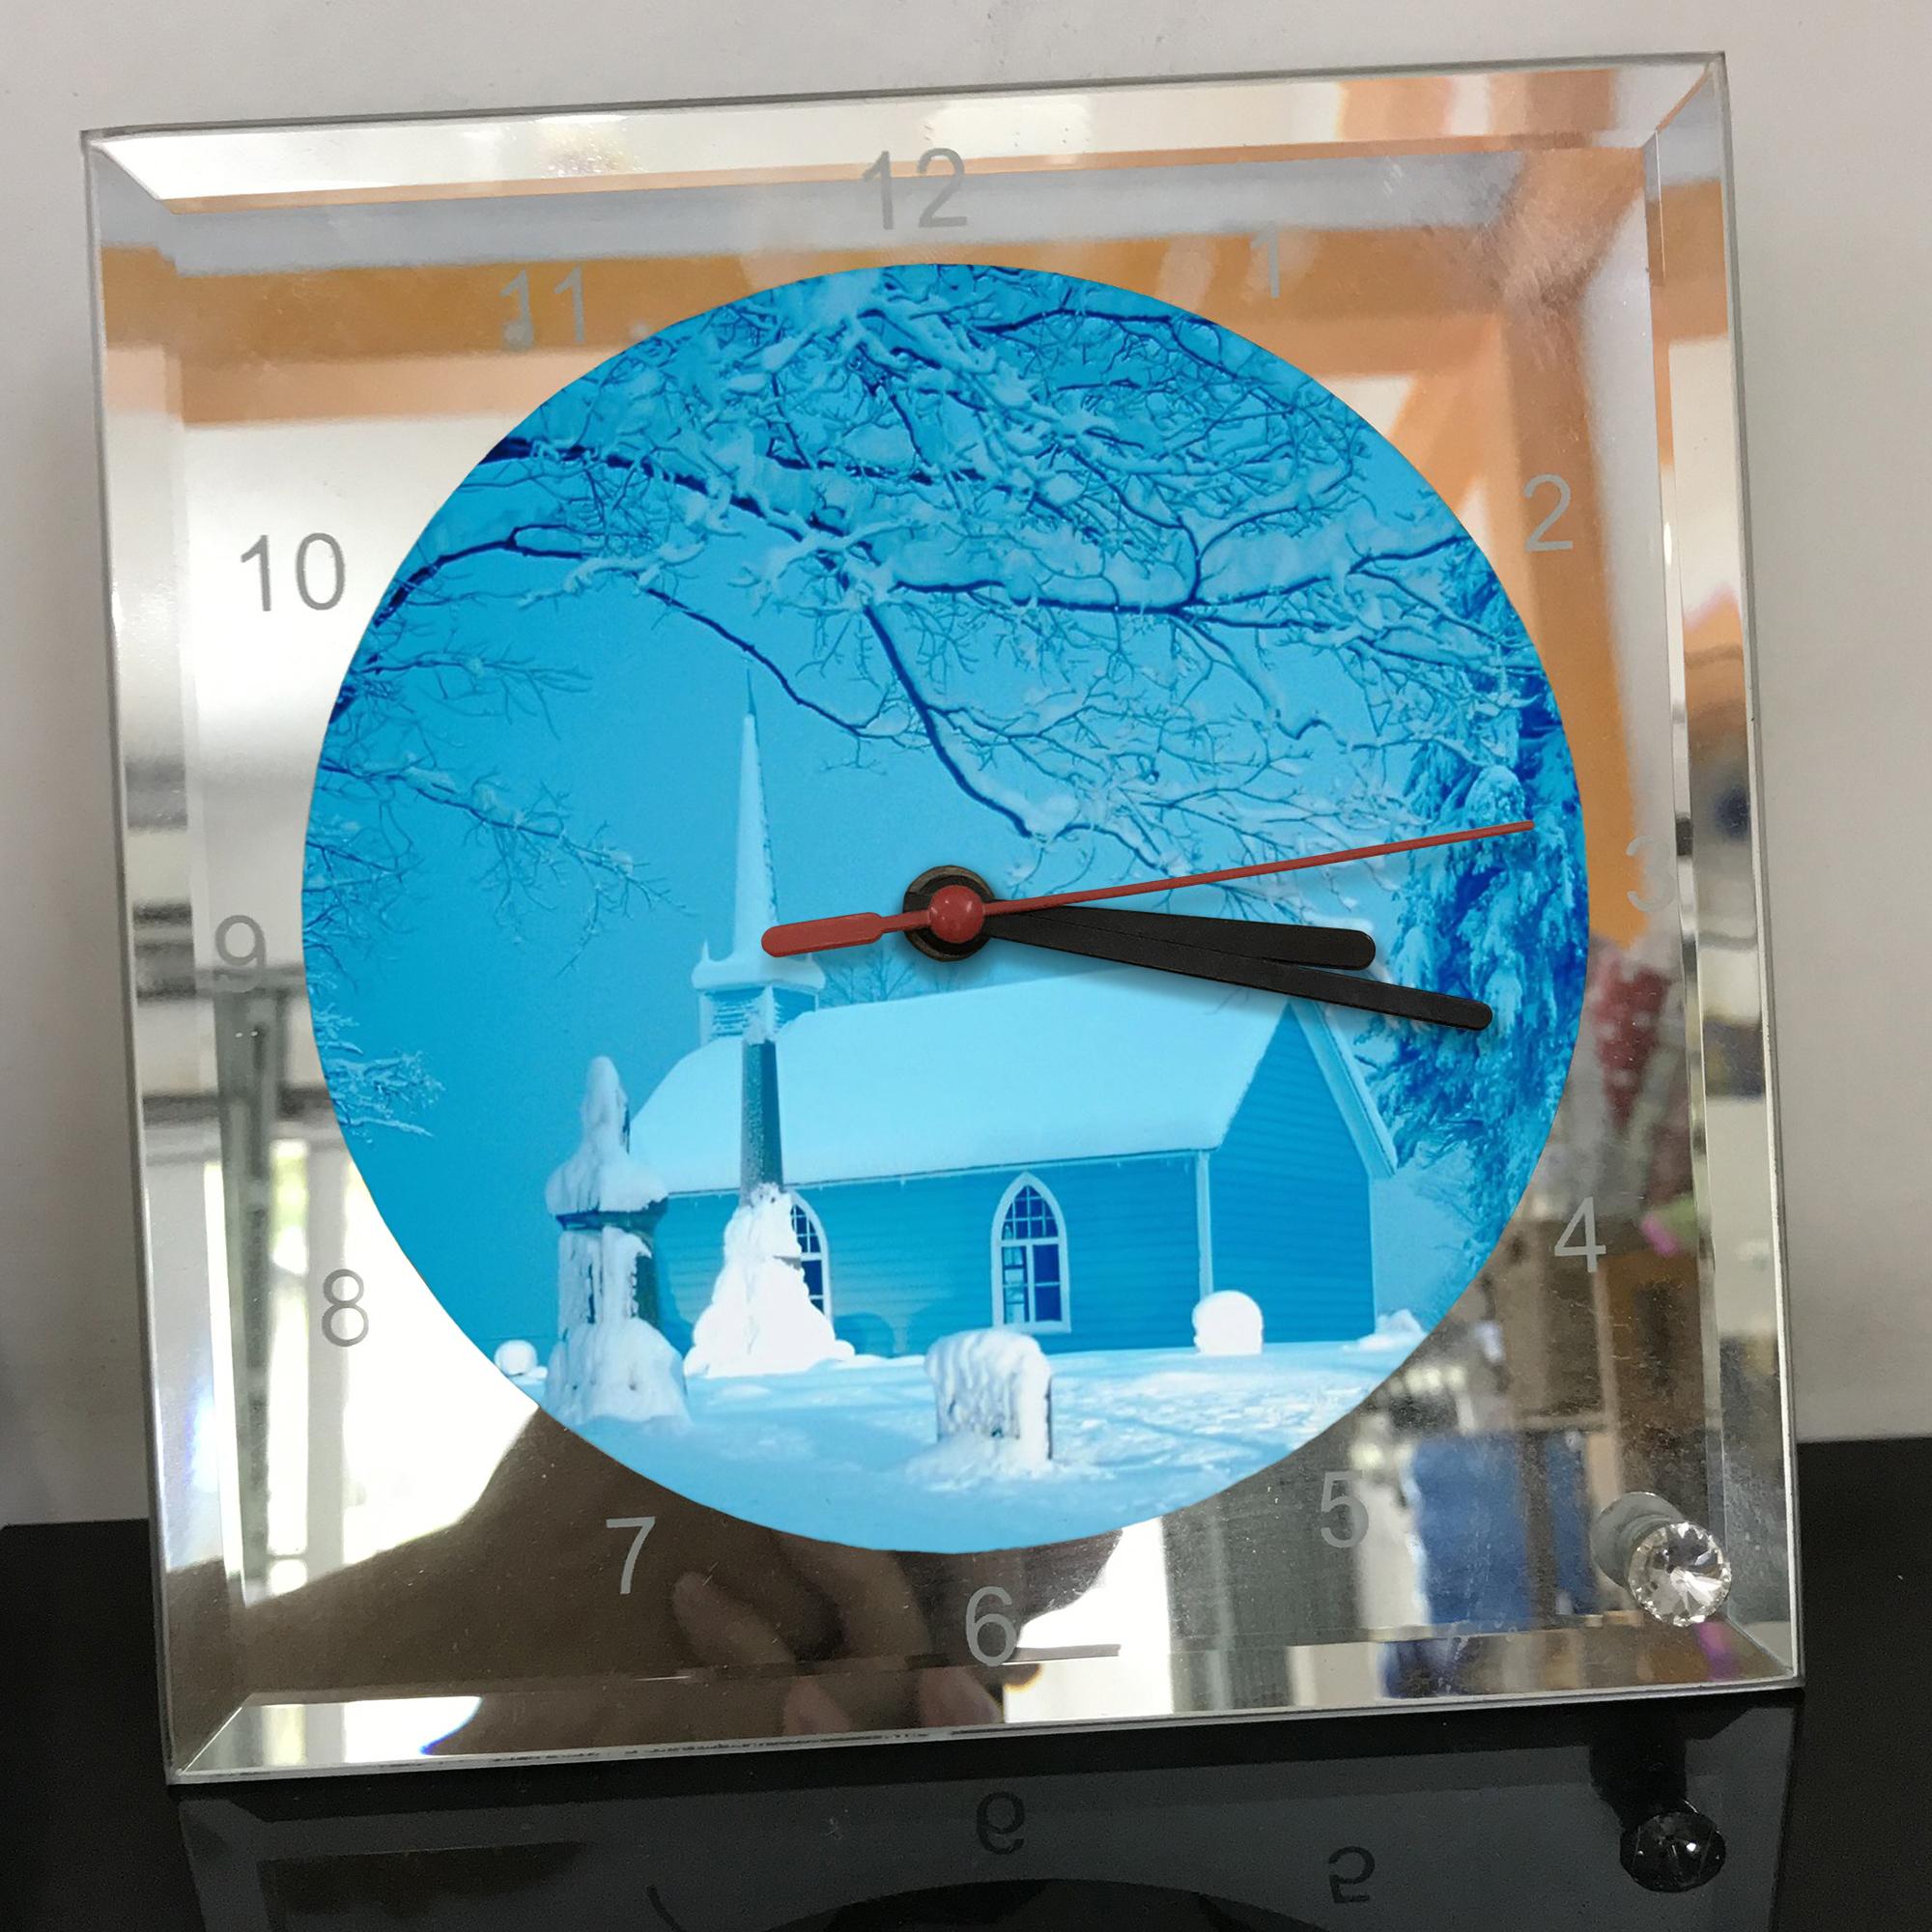 Đồng hồ thủy tinh vuông 20x20 in hình Church - nhà thờ (142) . Đồng hồ thủy tinh để bàn trang trí đẹp chủ đề tôn giáo